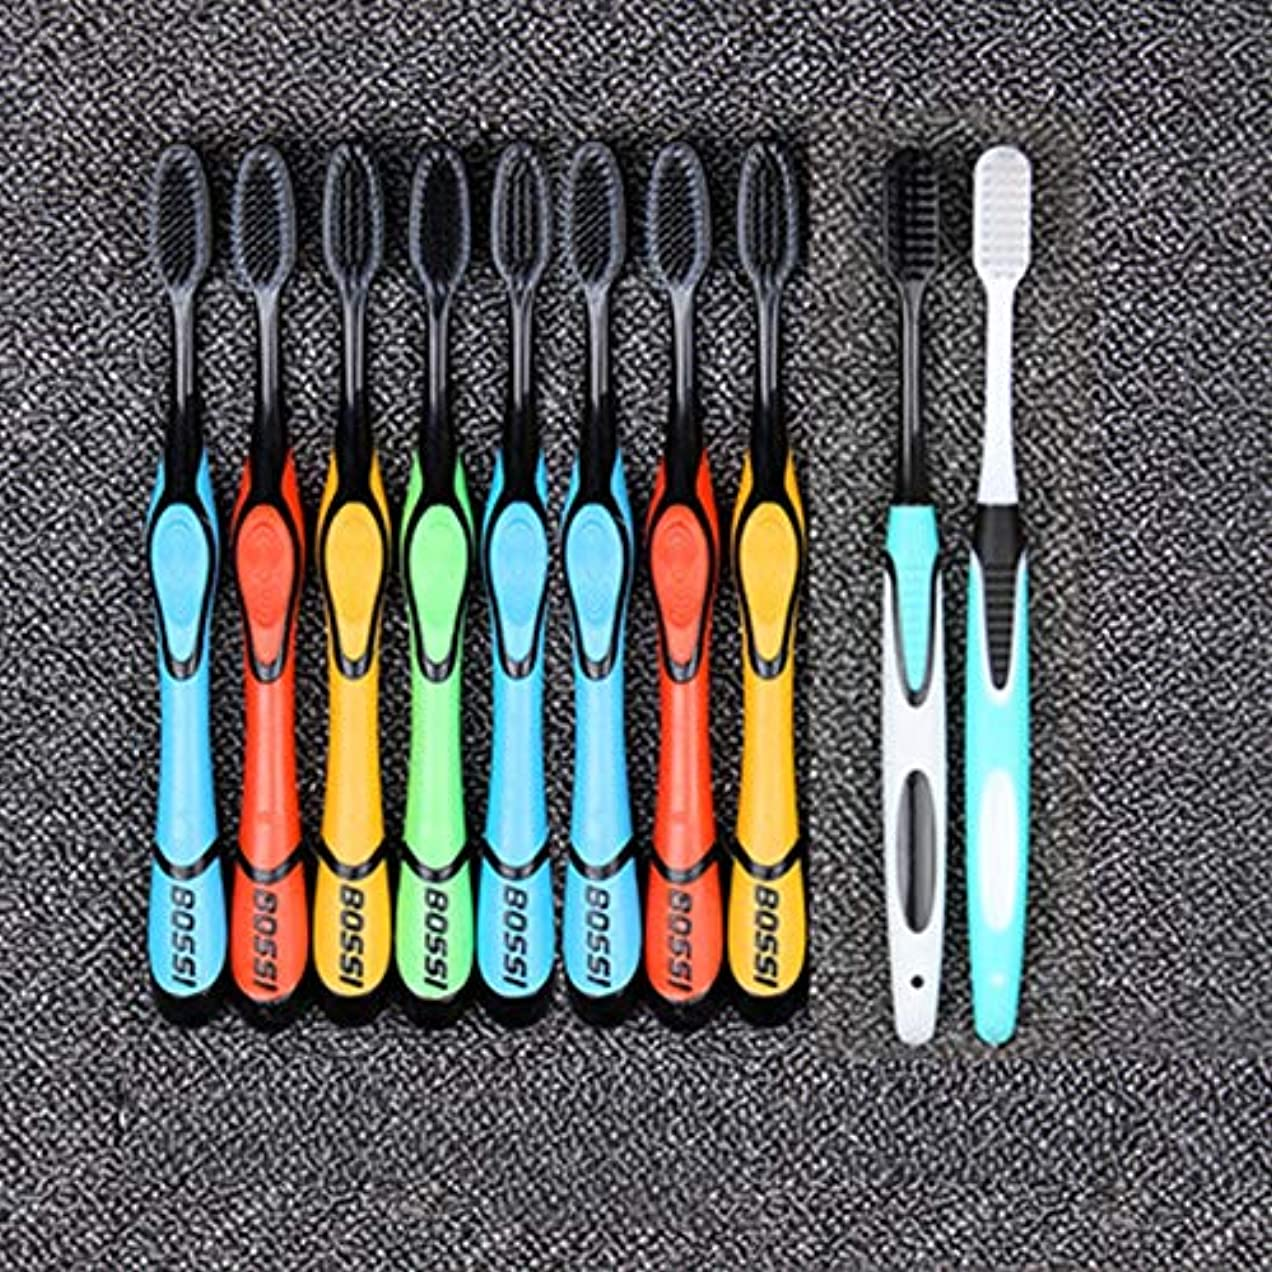 有毒グレード旅行者歯ブラシ 10本のスティック大人歯ブラシ、竹炭柔らかい歯ブラシ、歯をきれいに簡単に、オーラルケア HL (色 : 8+2)